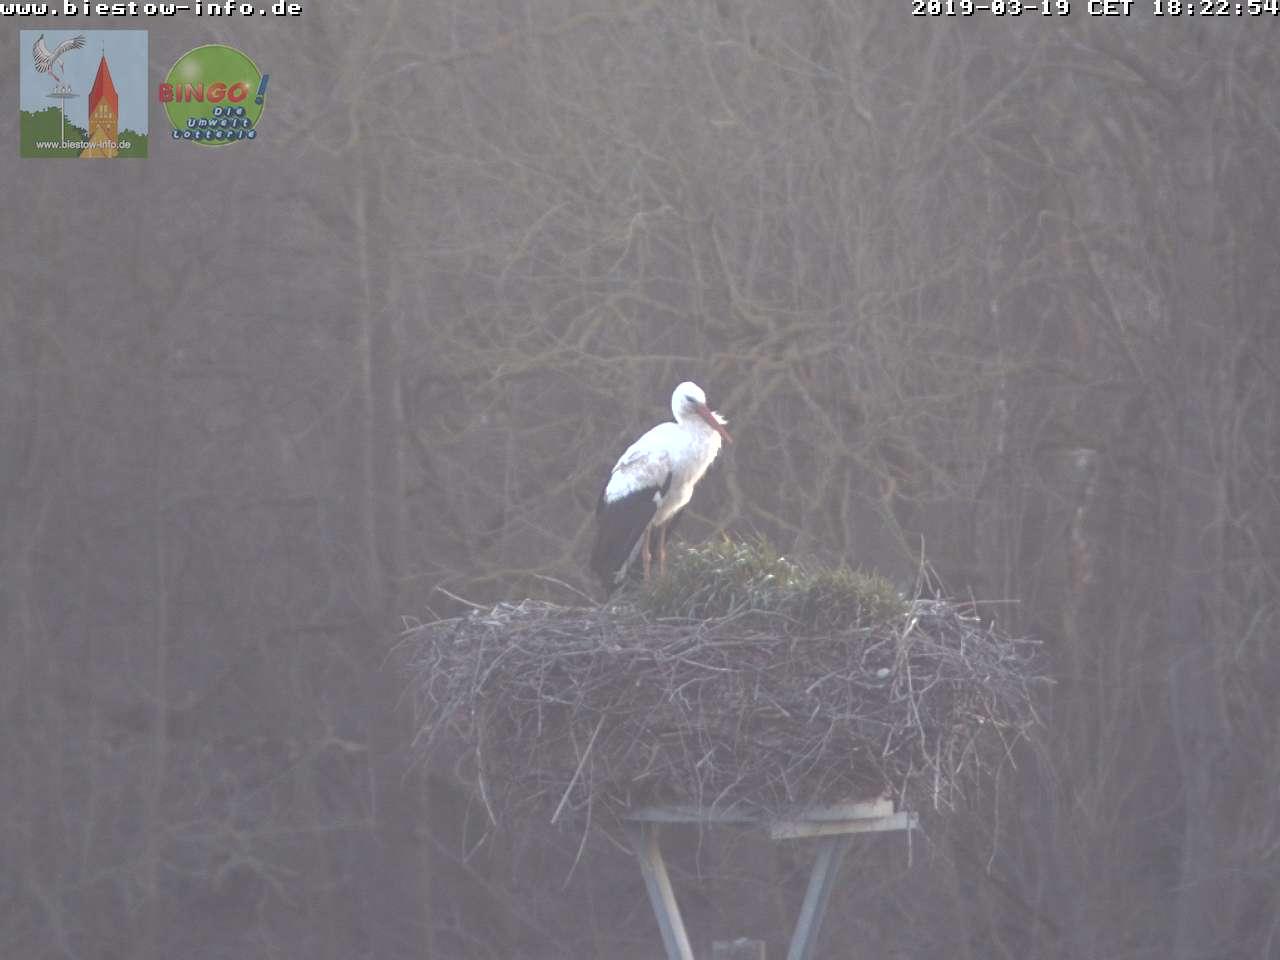 Am 19.03.2019 kehrt der erste Storch nach Biestow zurück